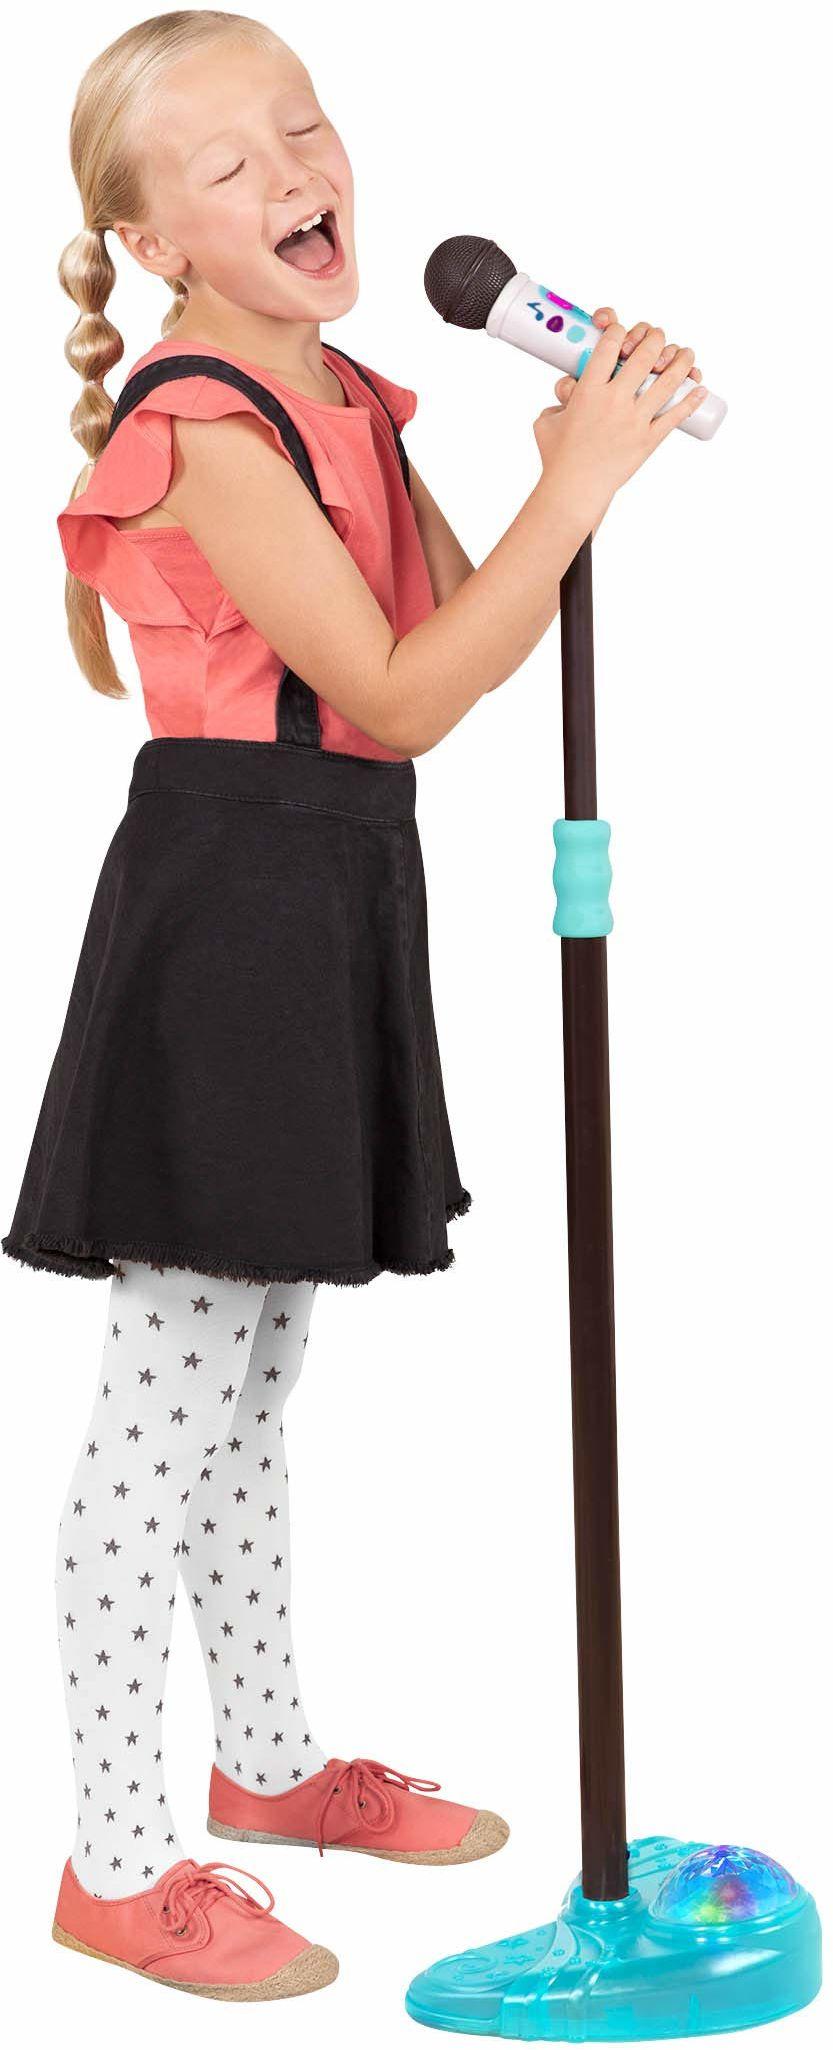 B. toys Mic it Shine mikrofon zabawkowy z funkcją podświetlania  wysuwany mikrofon z funkcją Bluetooth i podstawą podświetlania dla dzieci w wieku od 3 lat + (biały)